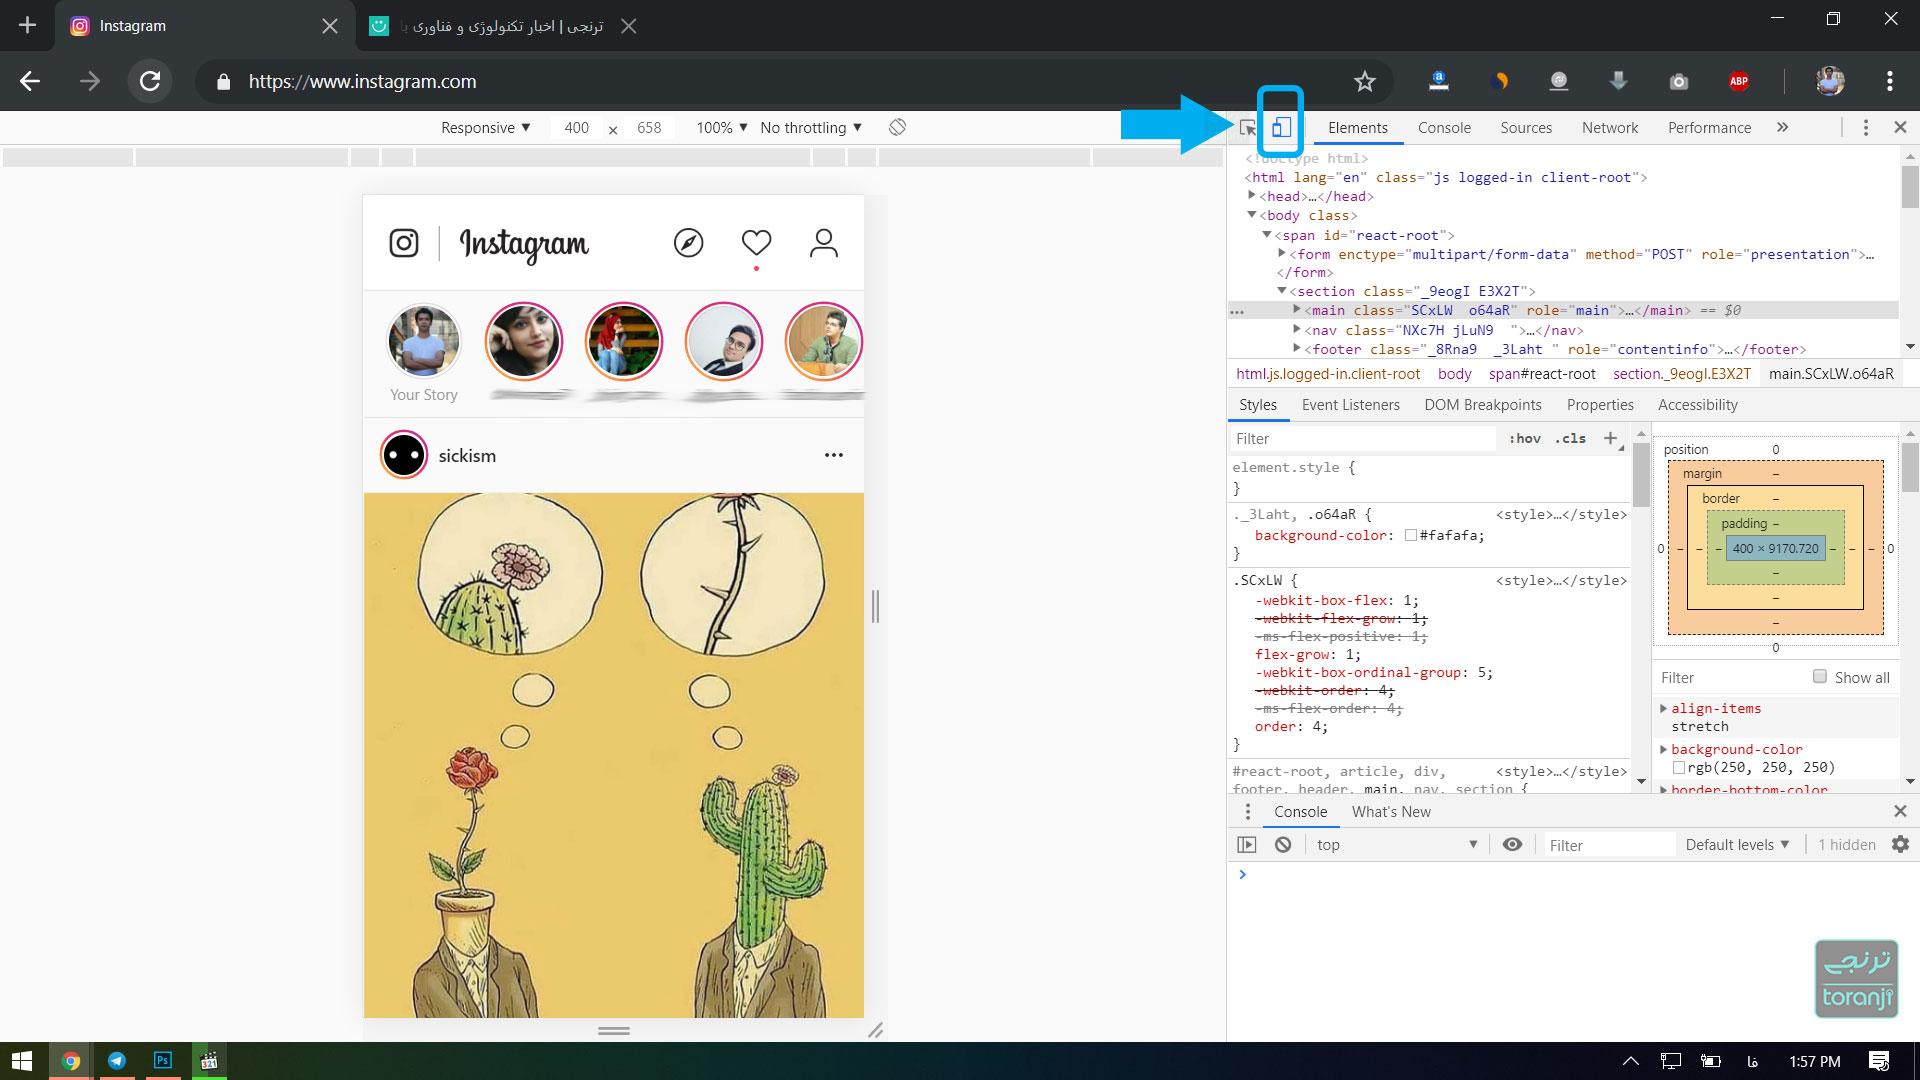 آموزش استفاده از دایرکت اینستاگرام روی مرورگر کامپیوتر (ویندوز، لینوکس، مک)